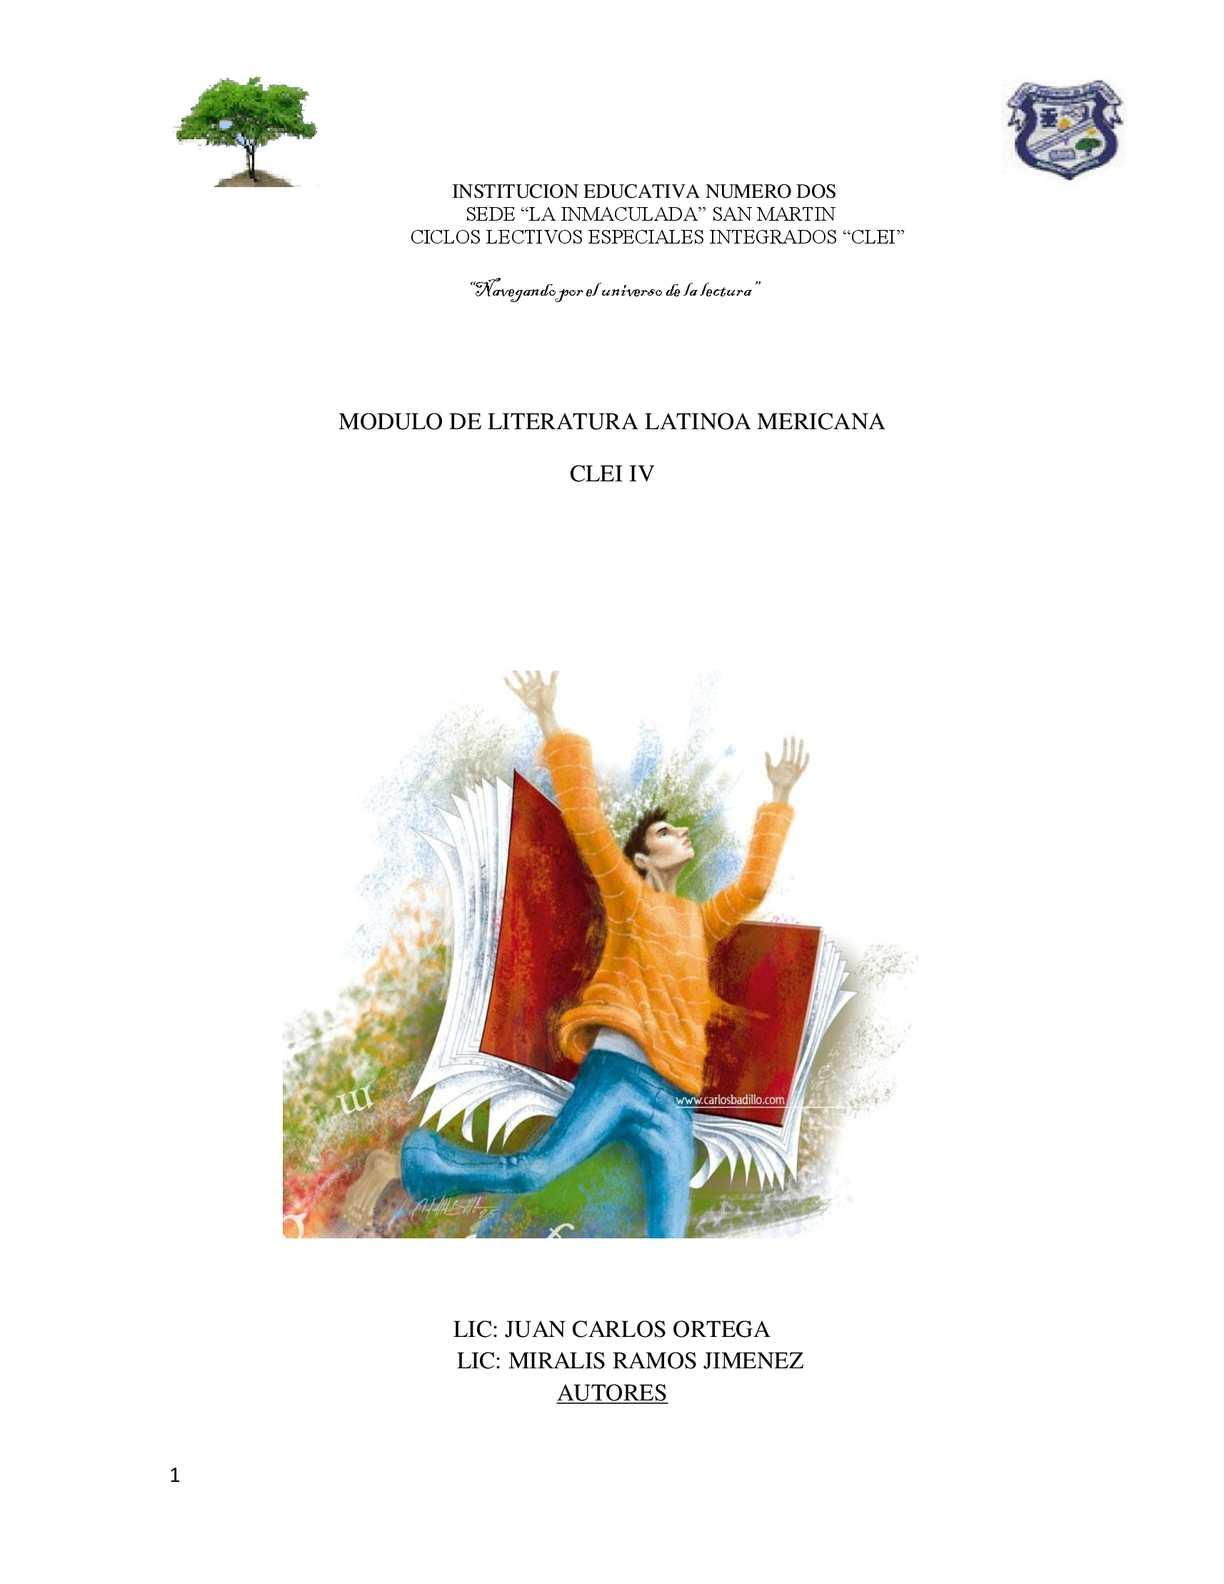 MODULO DE LITERATURA CLEI IV  EDUCACION PARA ADULTOS